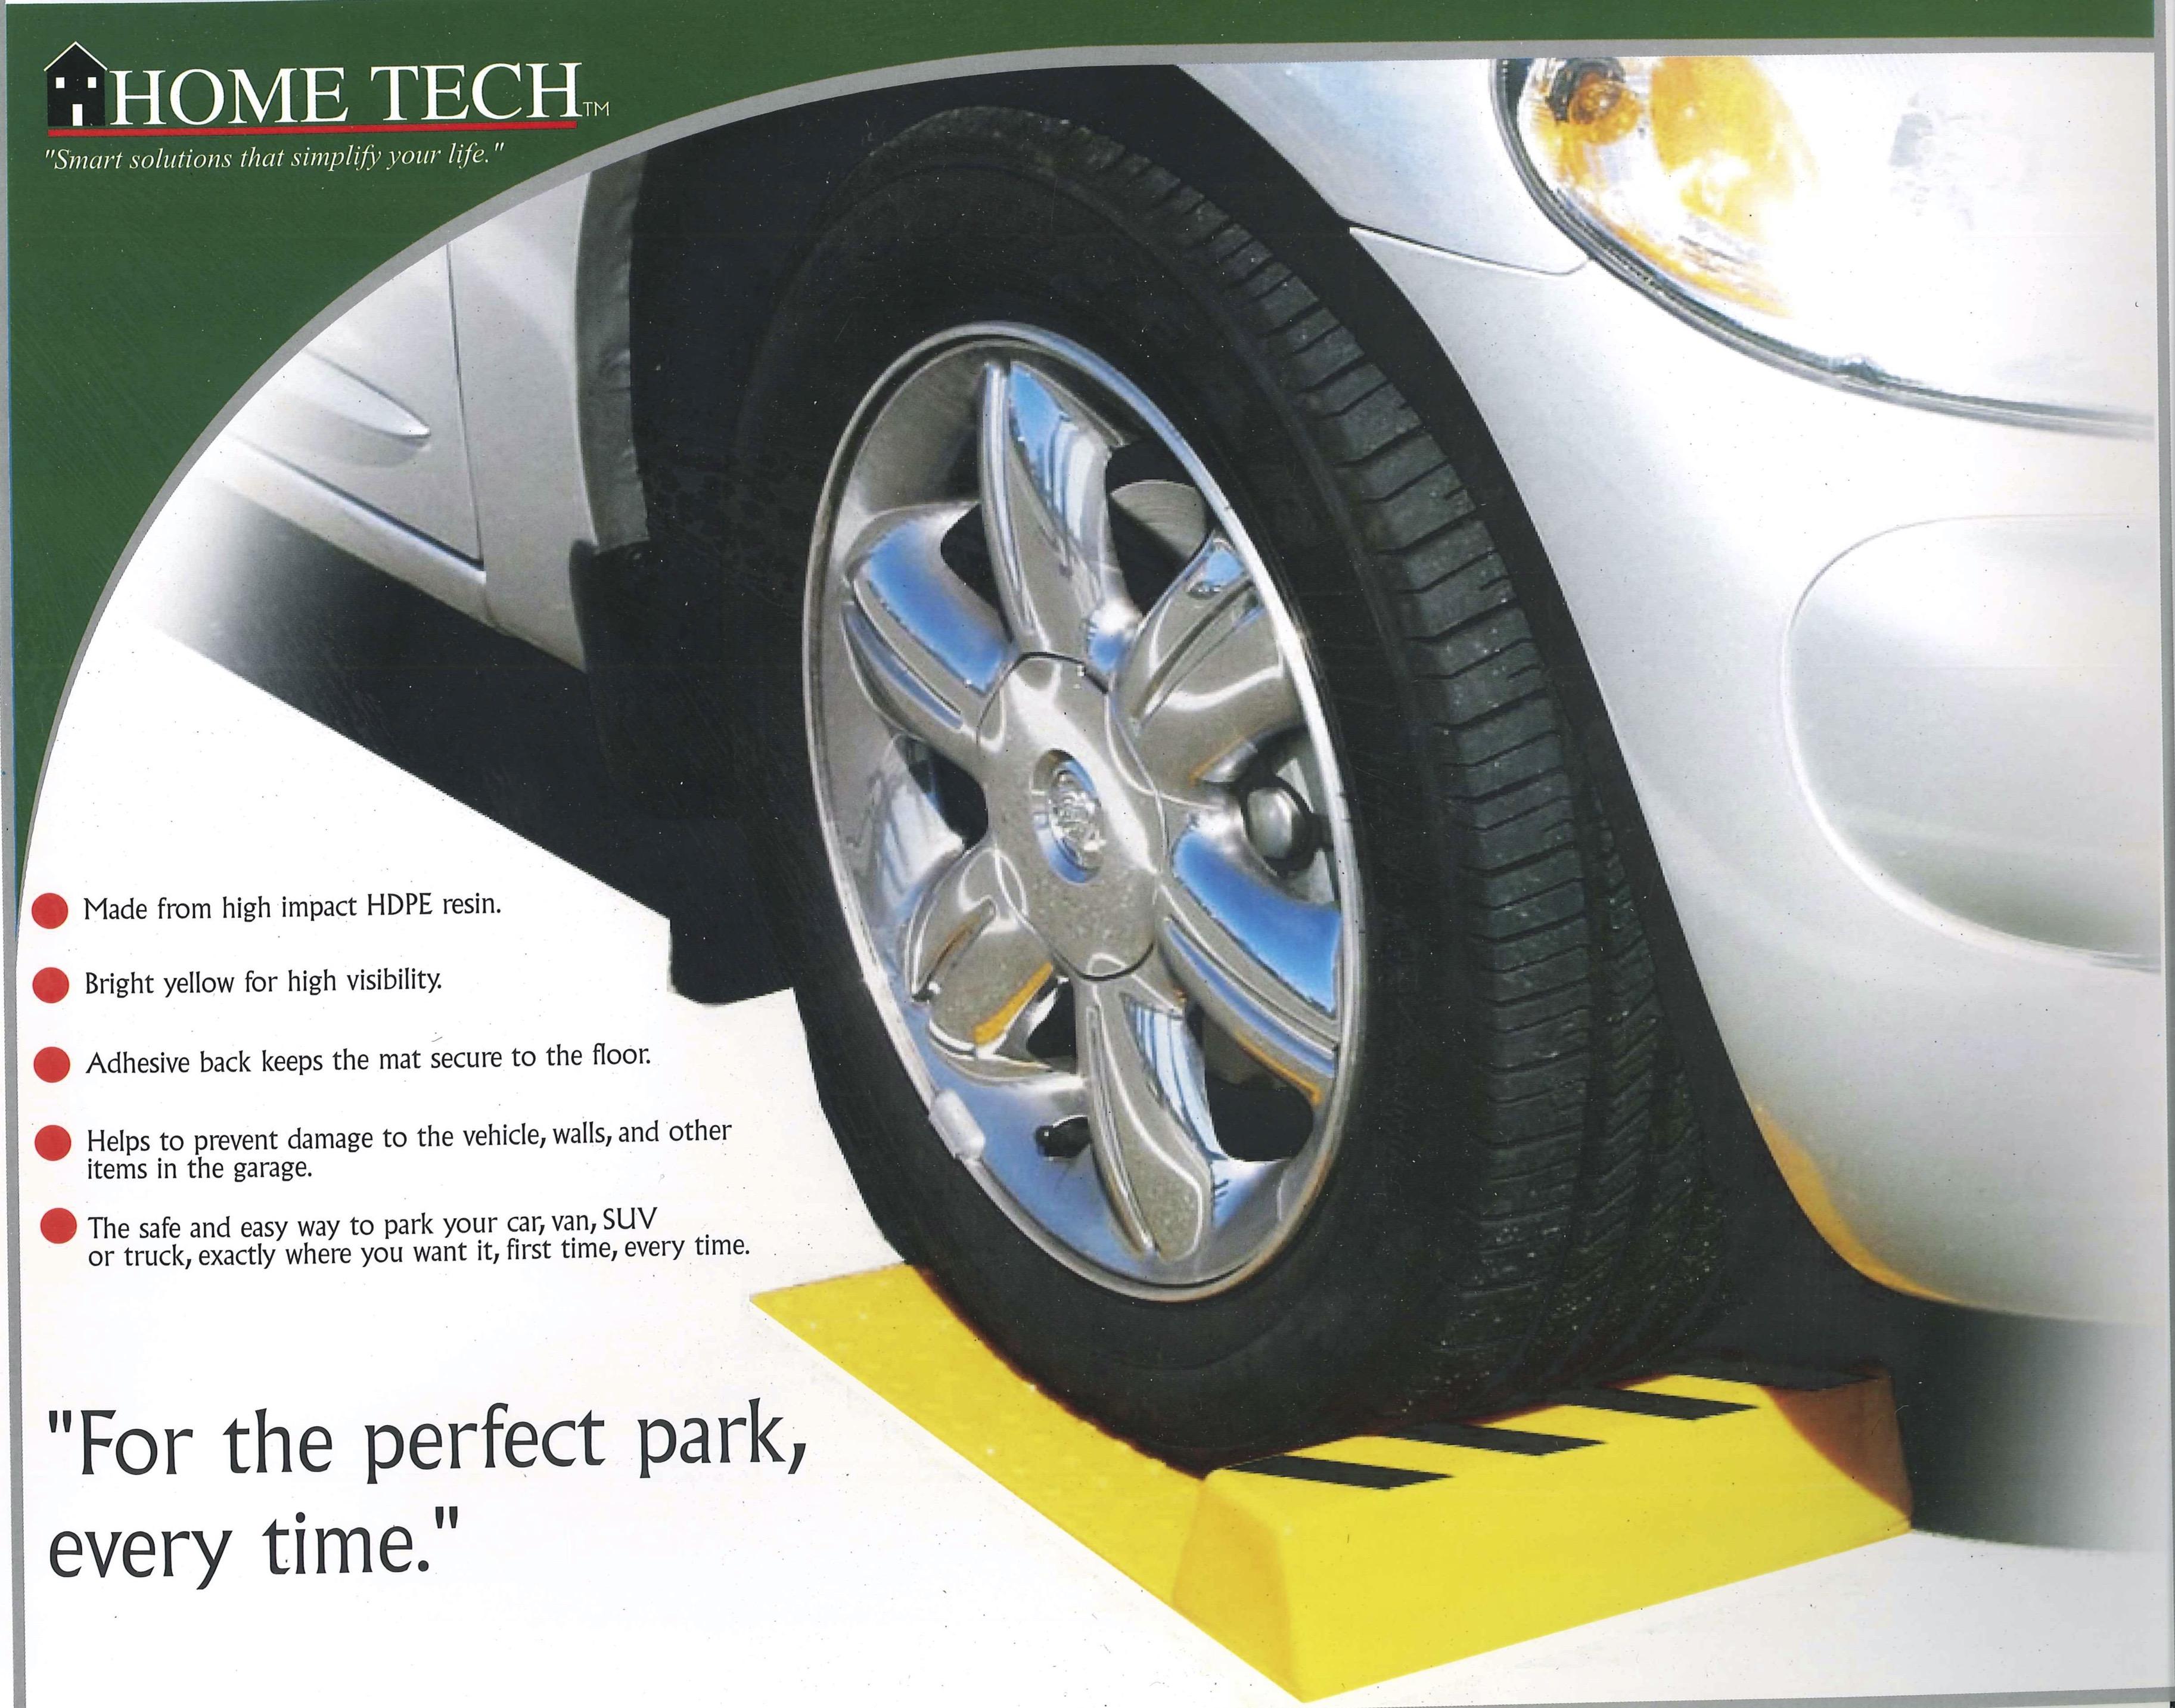 強力塑膠停車擋板 - 不需鑽孔, 只要黏貼.